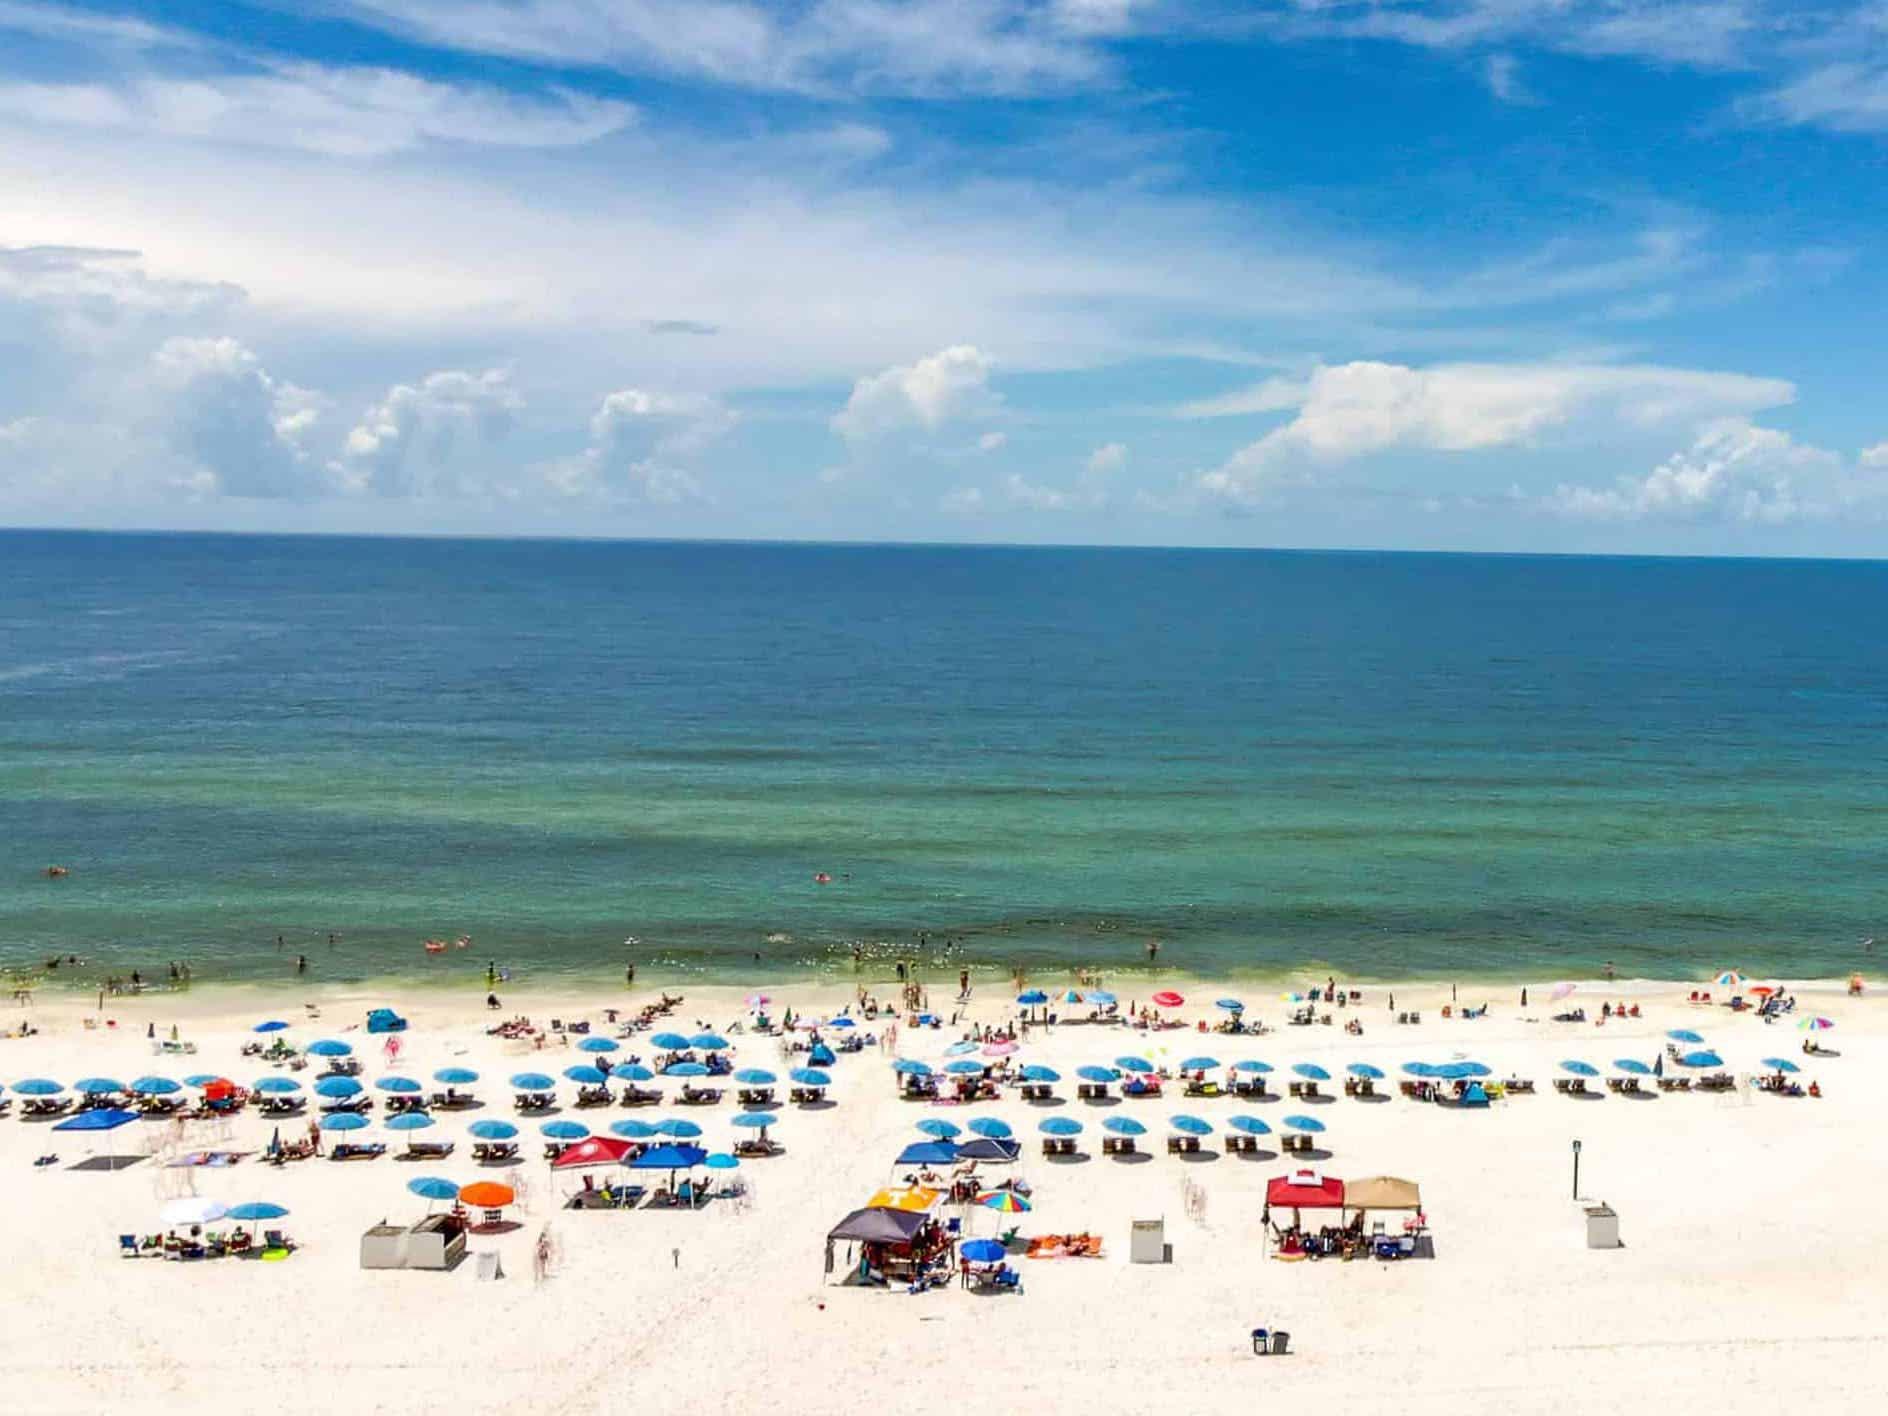 Crowded beach in Gulf Shores, AL